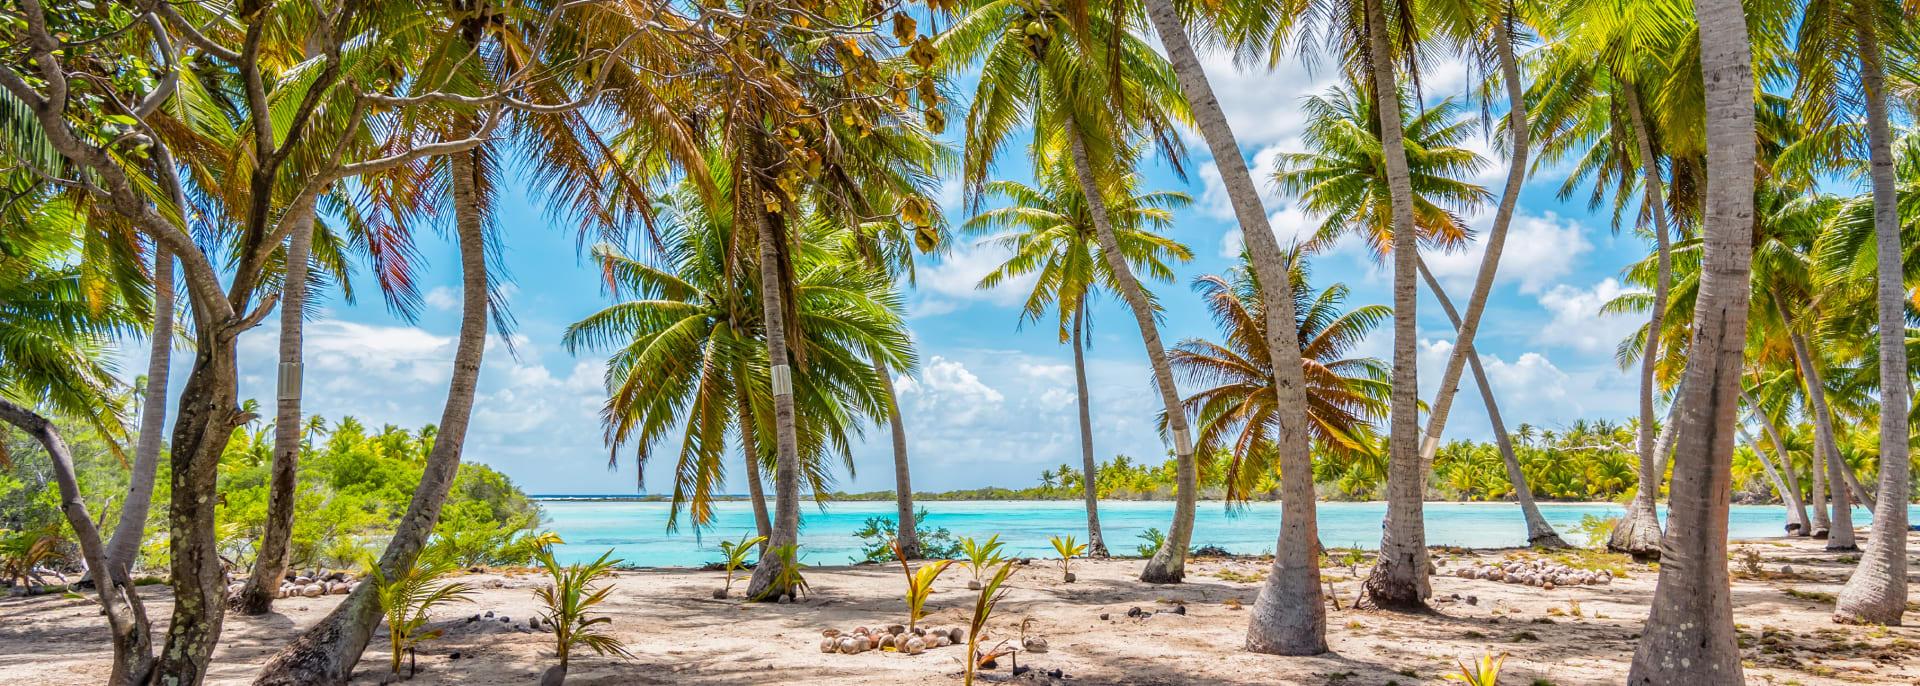 Palmen am Strand von Fakarava, Französisch Polynesien